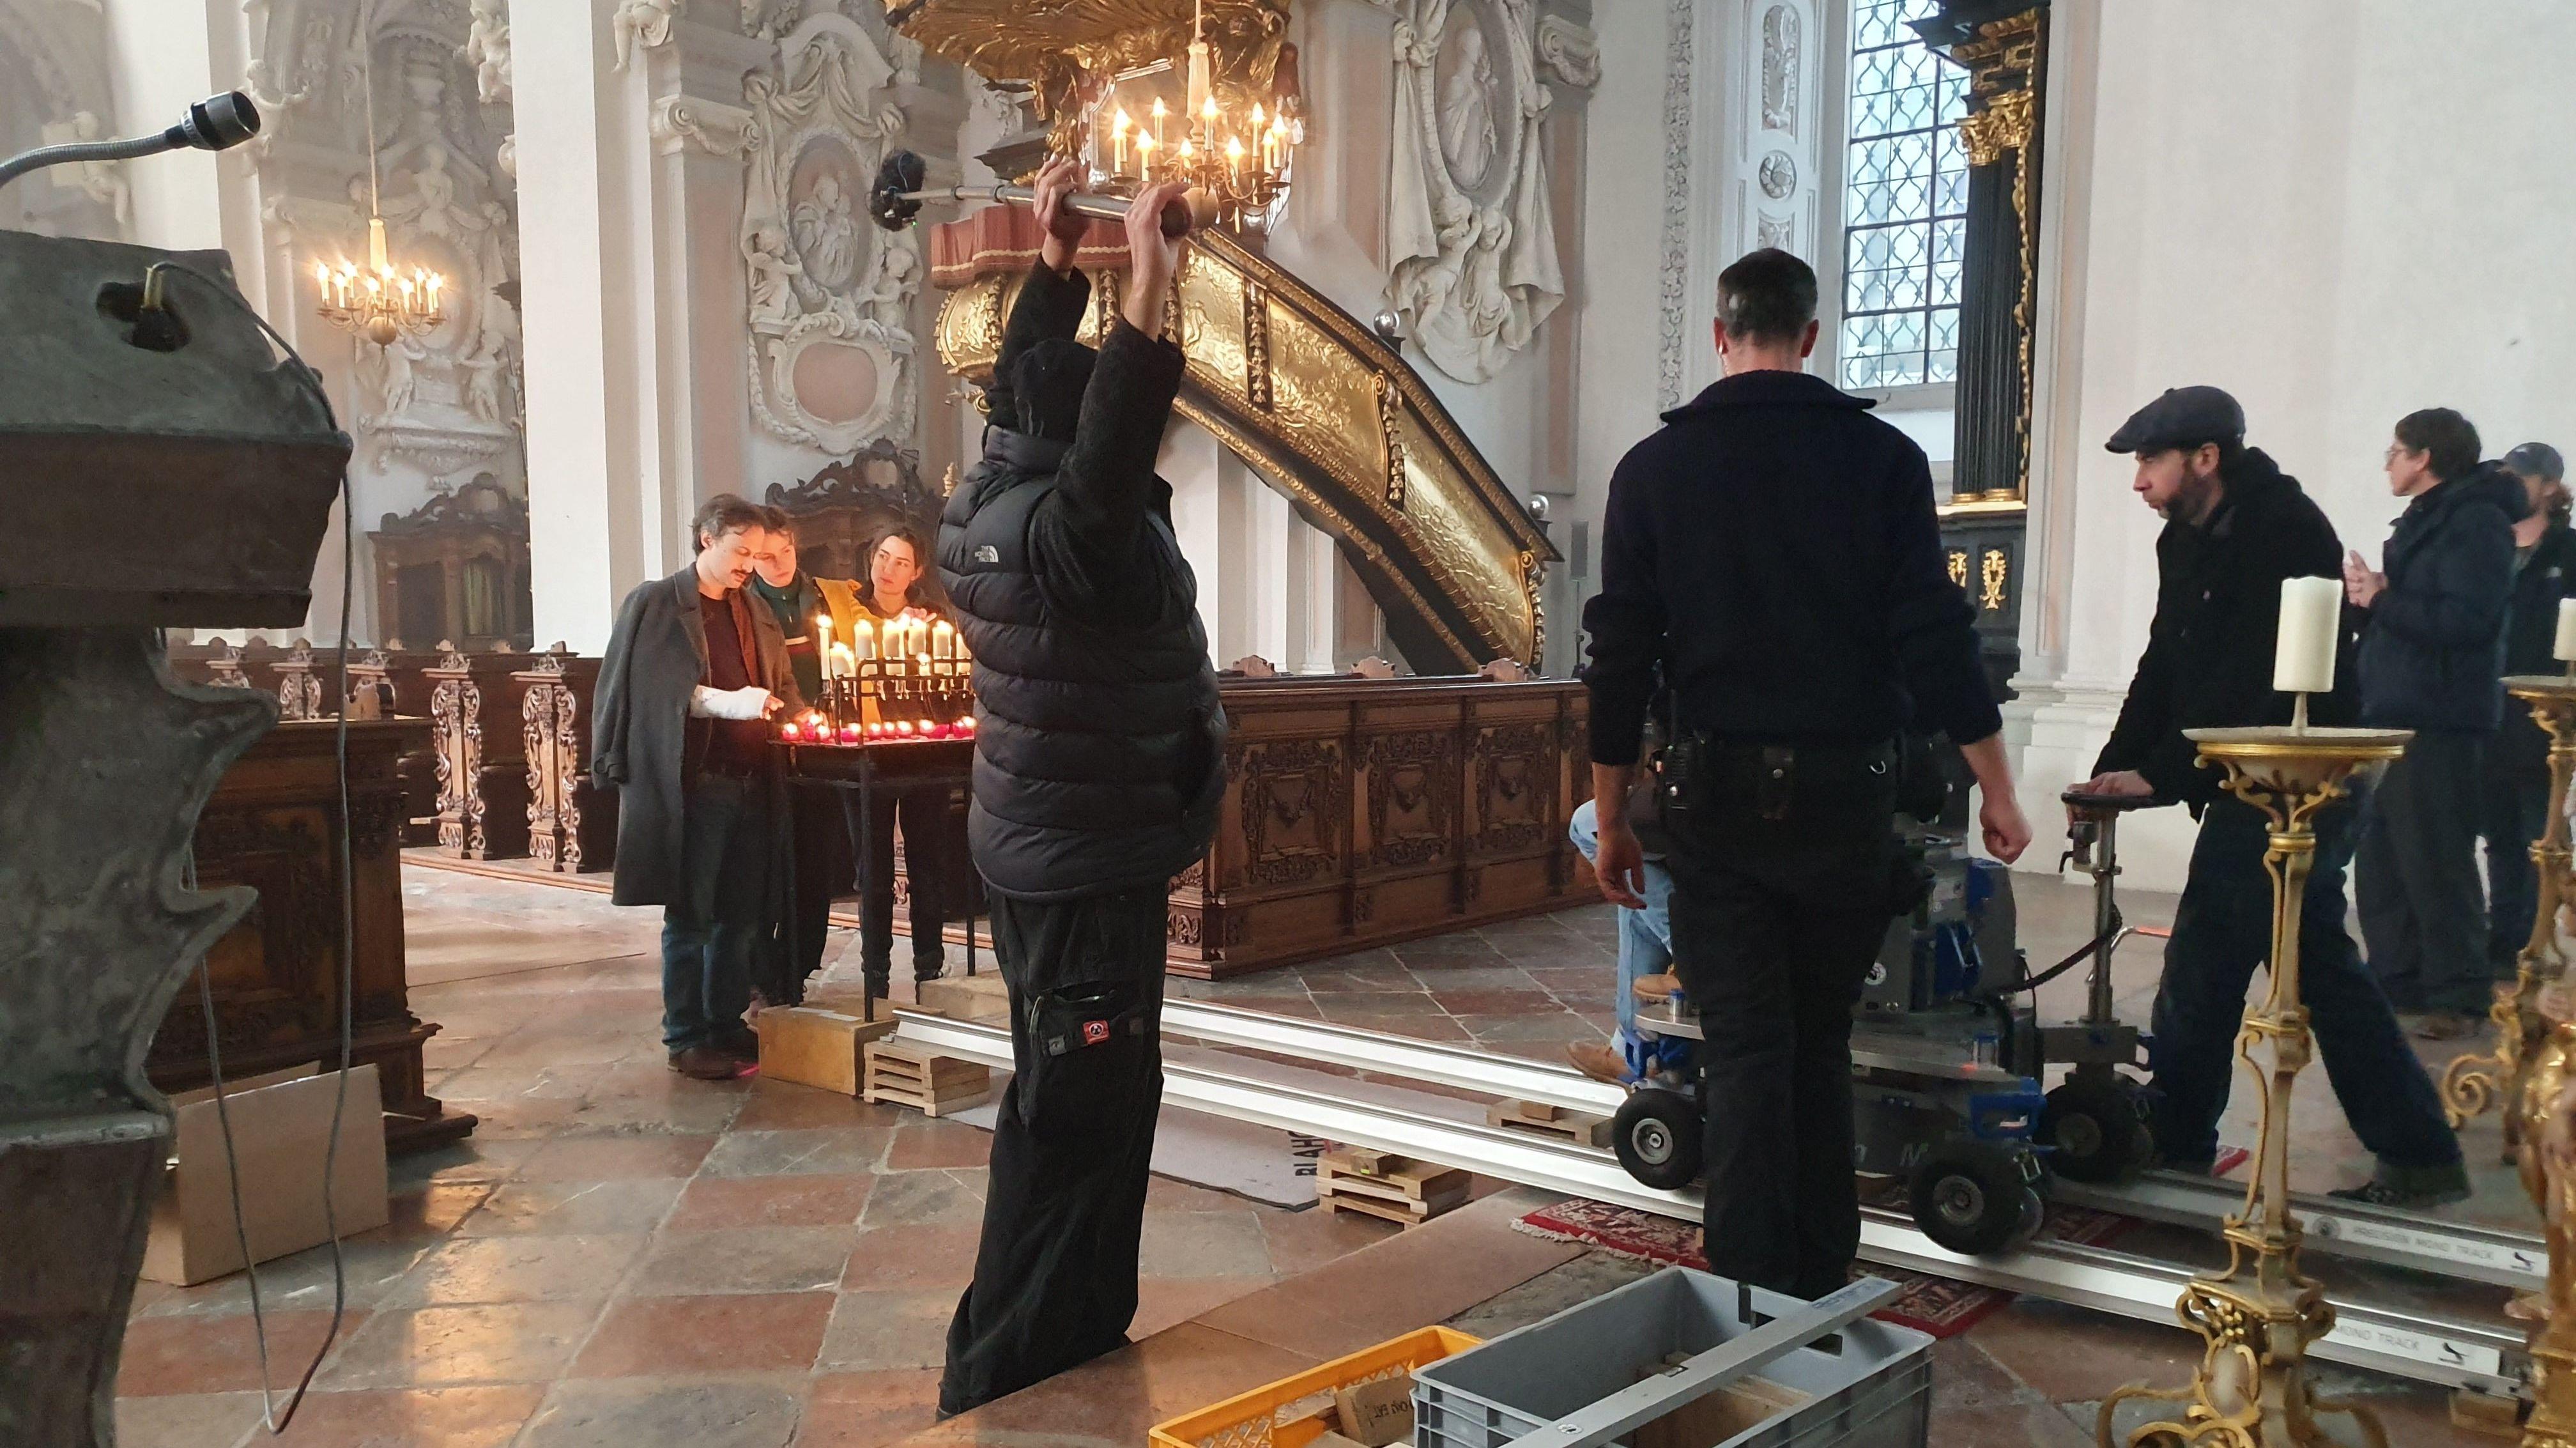 Dreharbeiten in der Kirche St. Michael in Passau